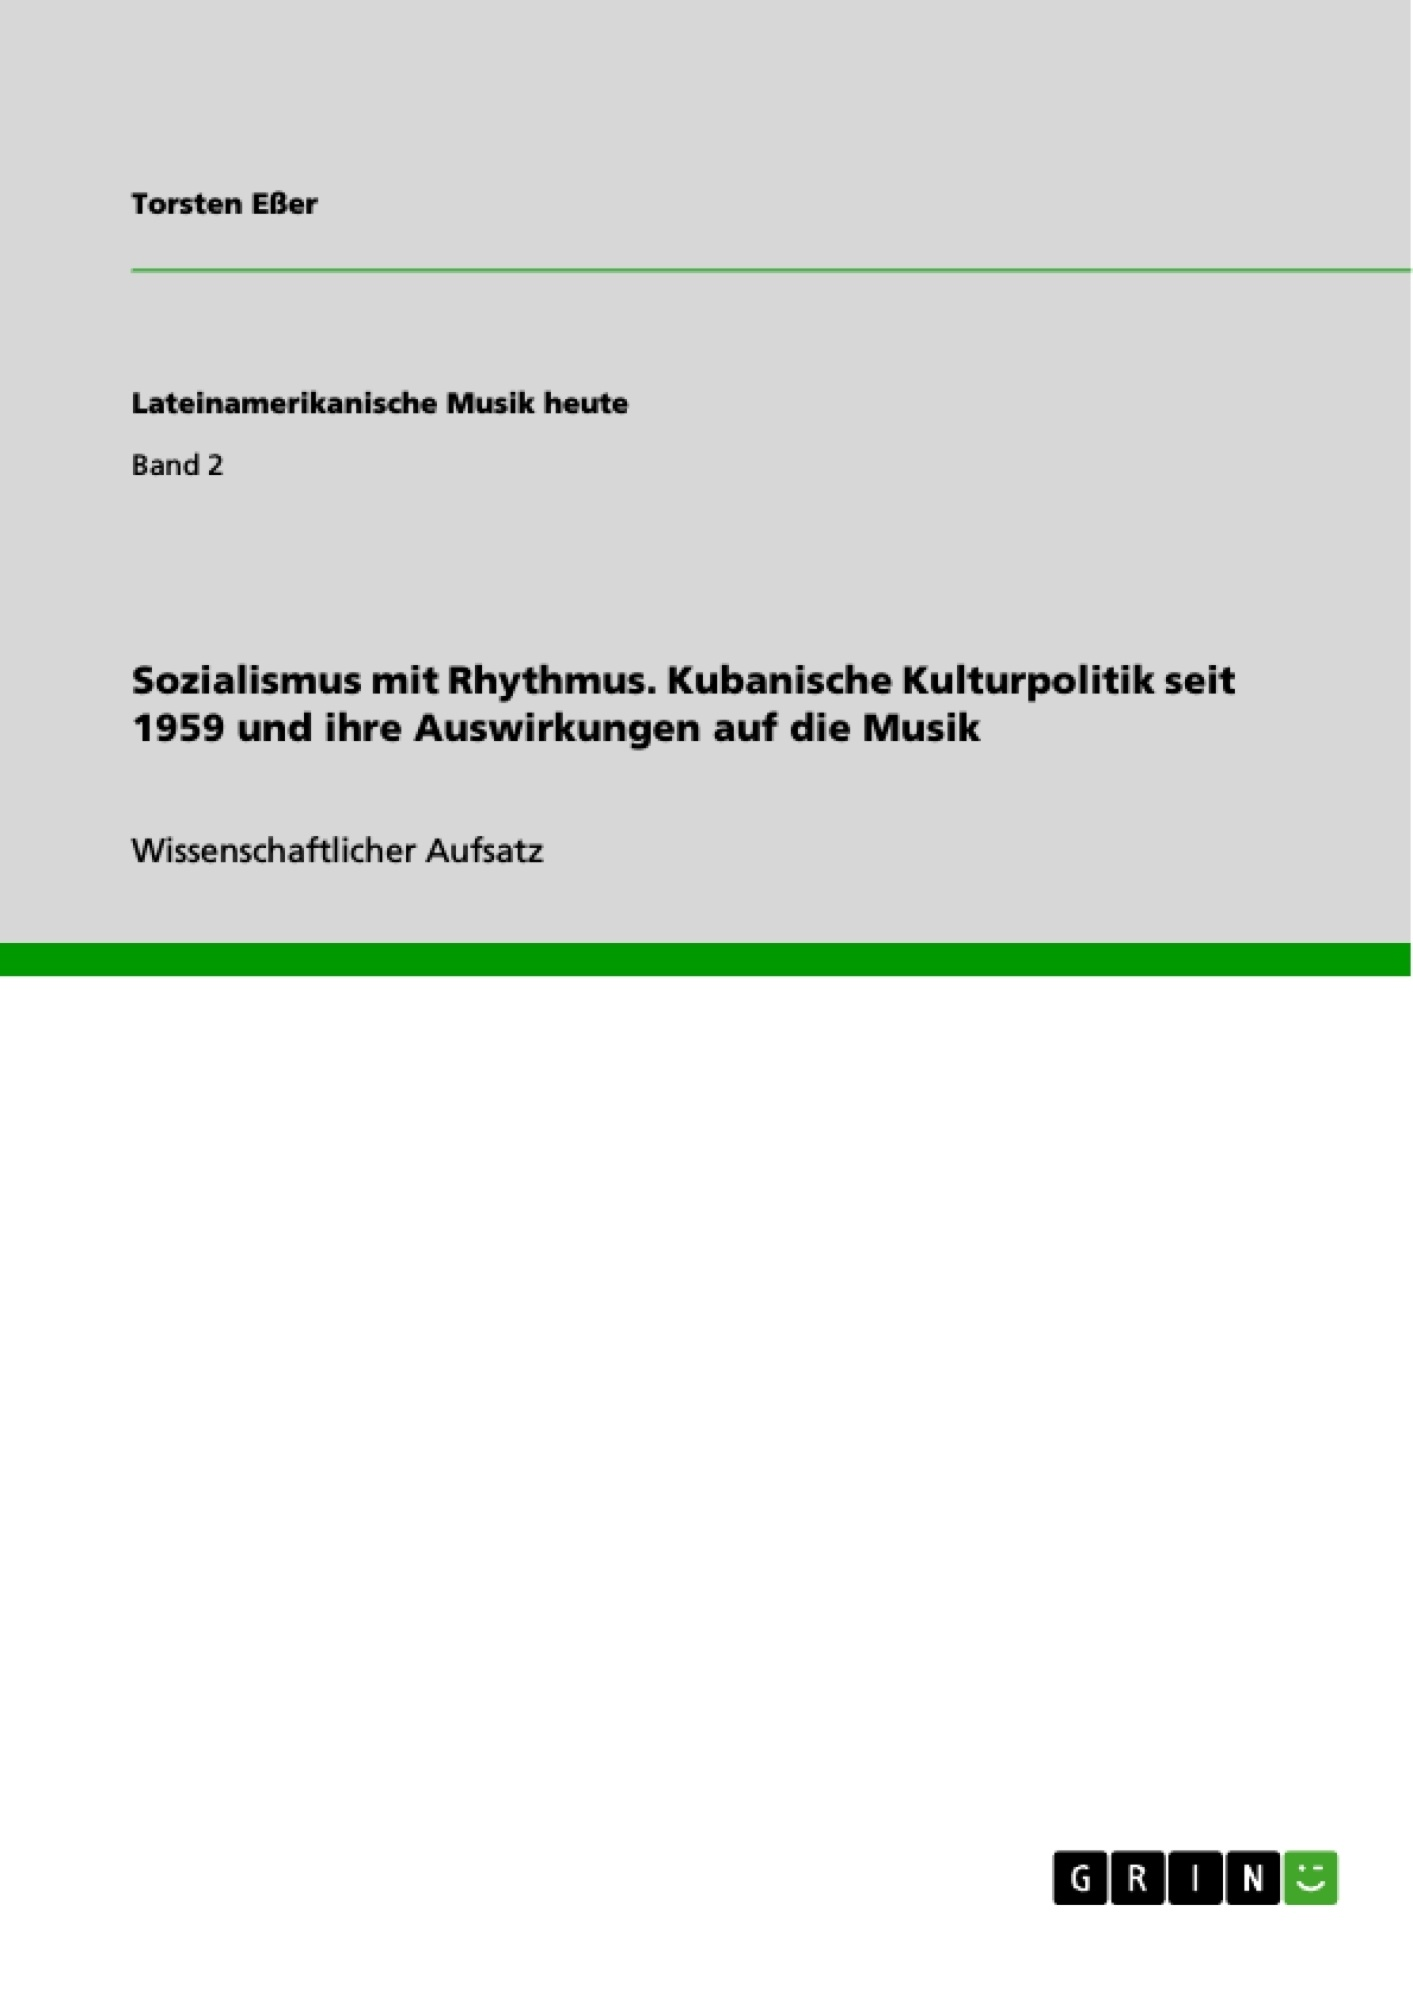 Titel: Sozialismus mit Rhythmus. Kubanische Kulturpolitik seit 1959 und ihre Auswirkungen auf die Musik